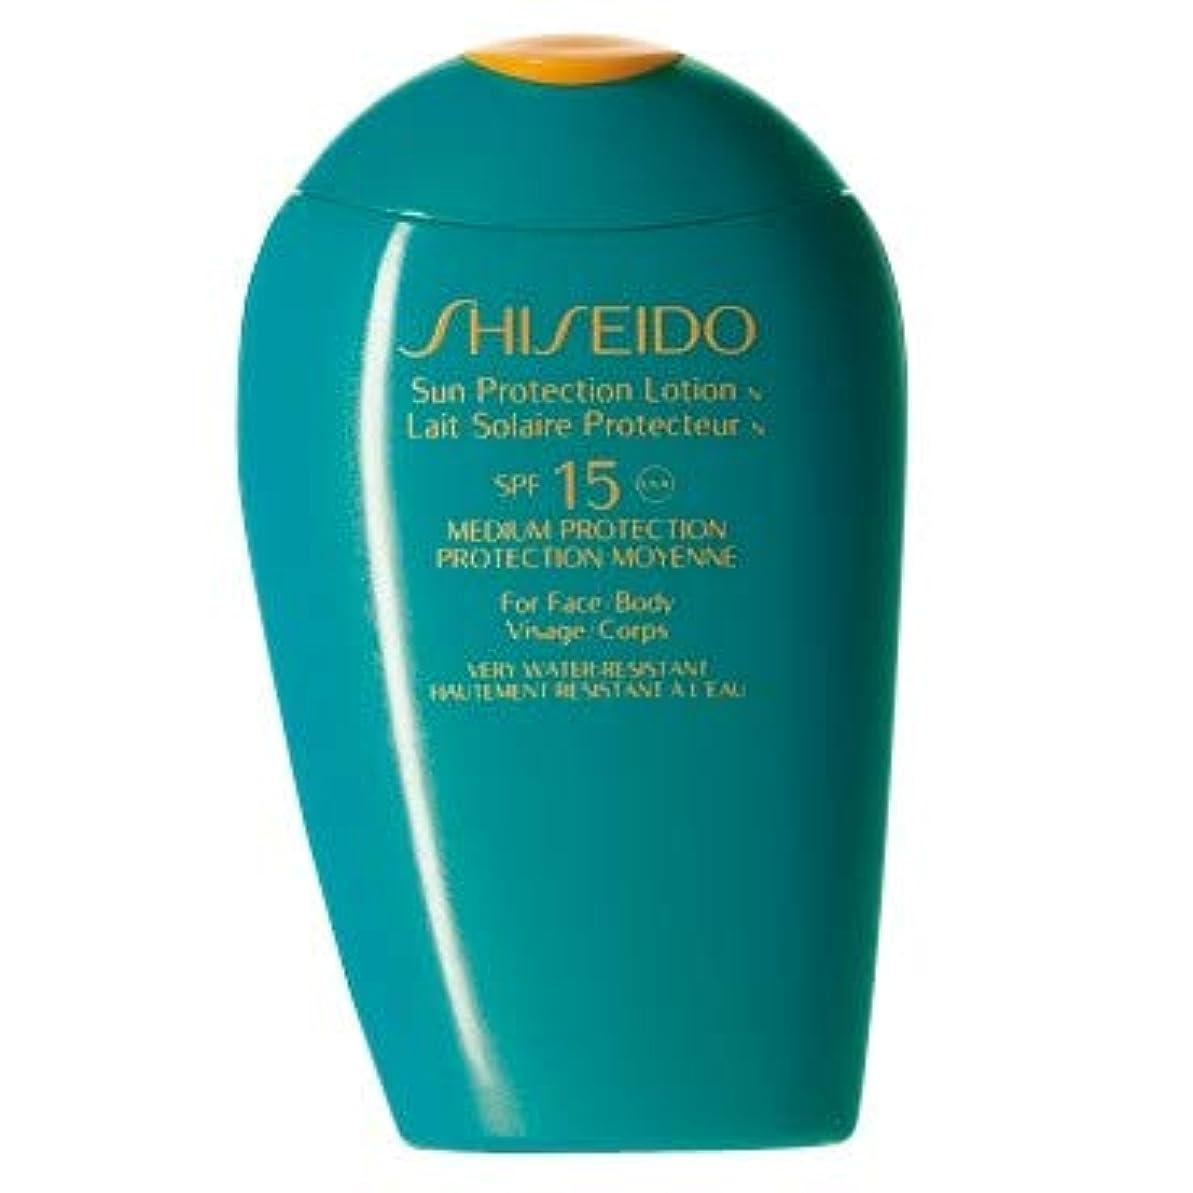 精神このウサギ[Shiseido] 資生堂日焼け止めローションSpf15 N個の150ミリリットル - Shiseido Sun Protection Lotion N Spf15 150ml [並行輸入品]